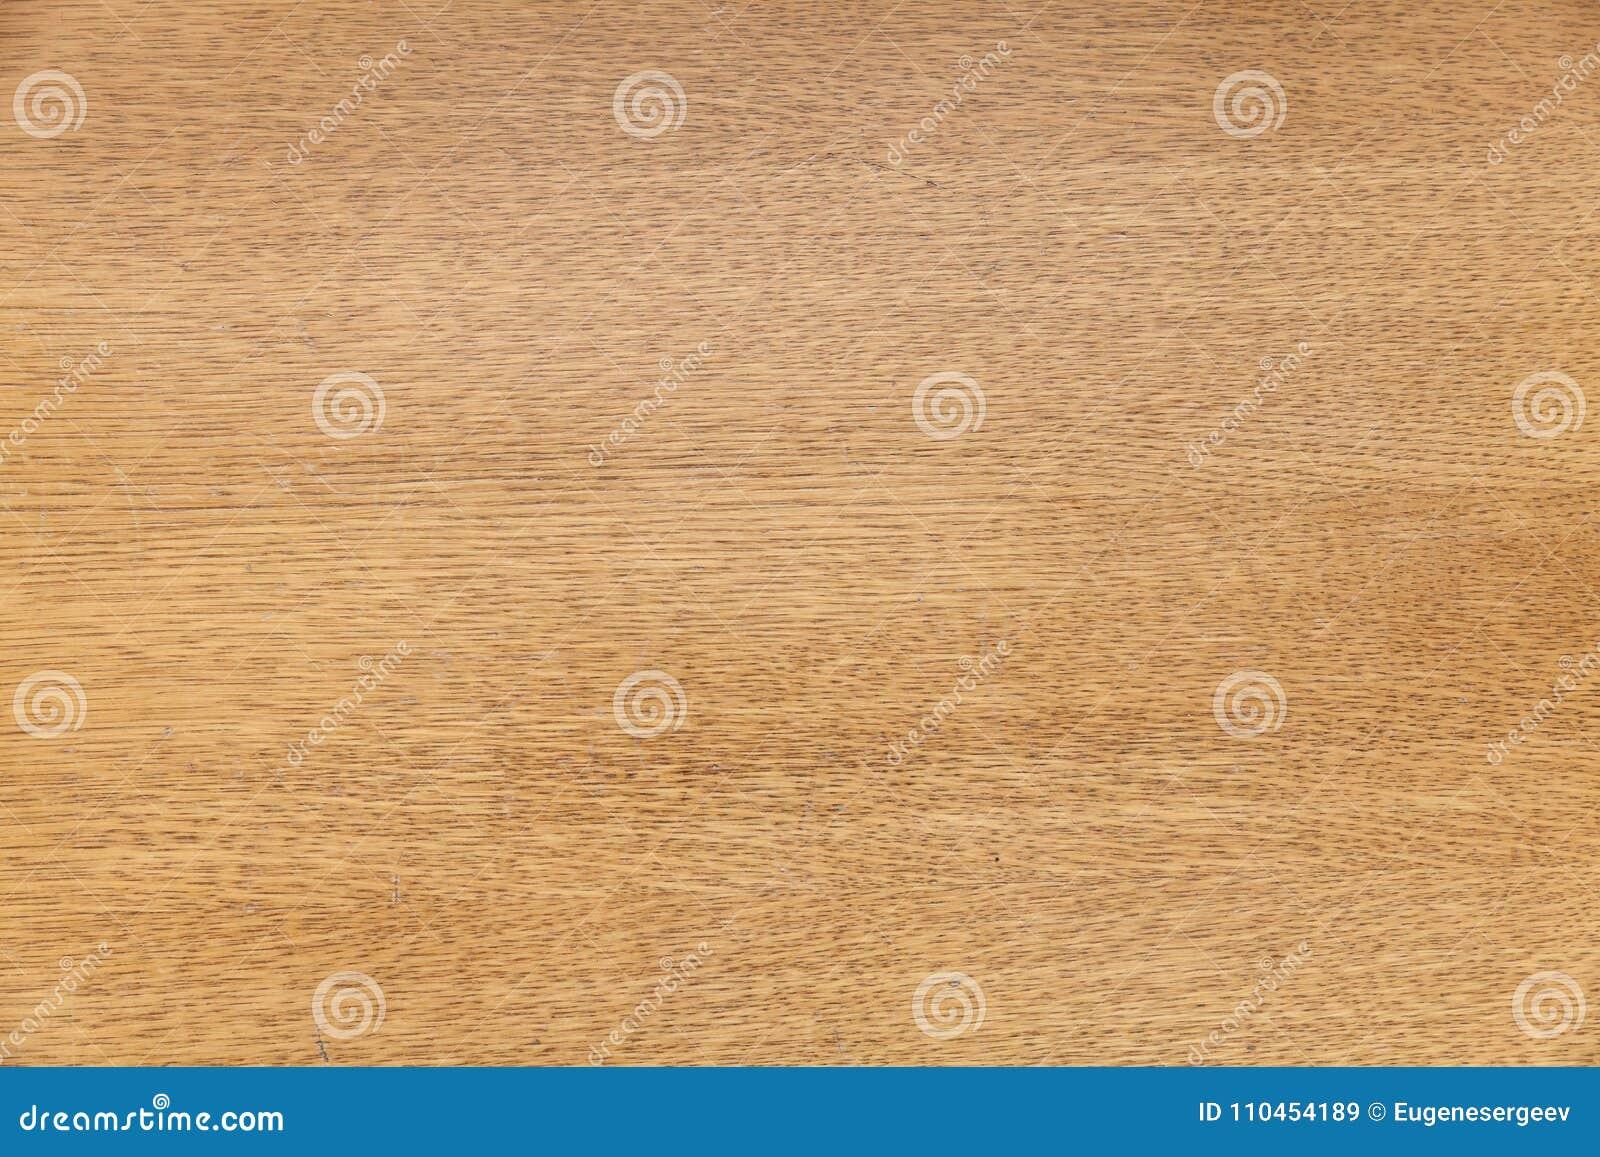 Träplanka för inre durk close upp